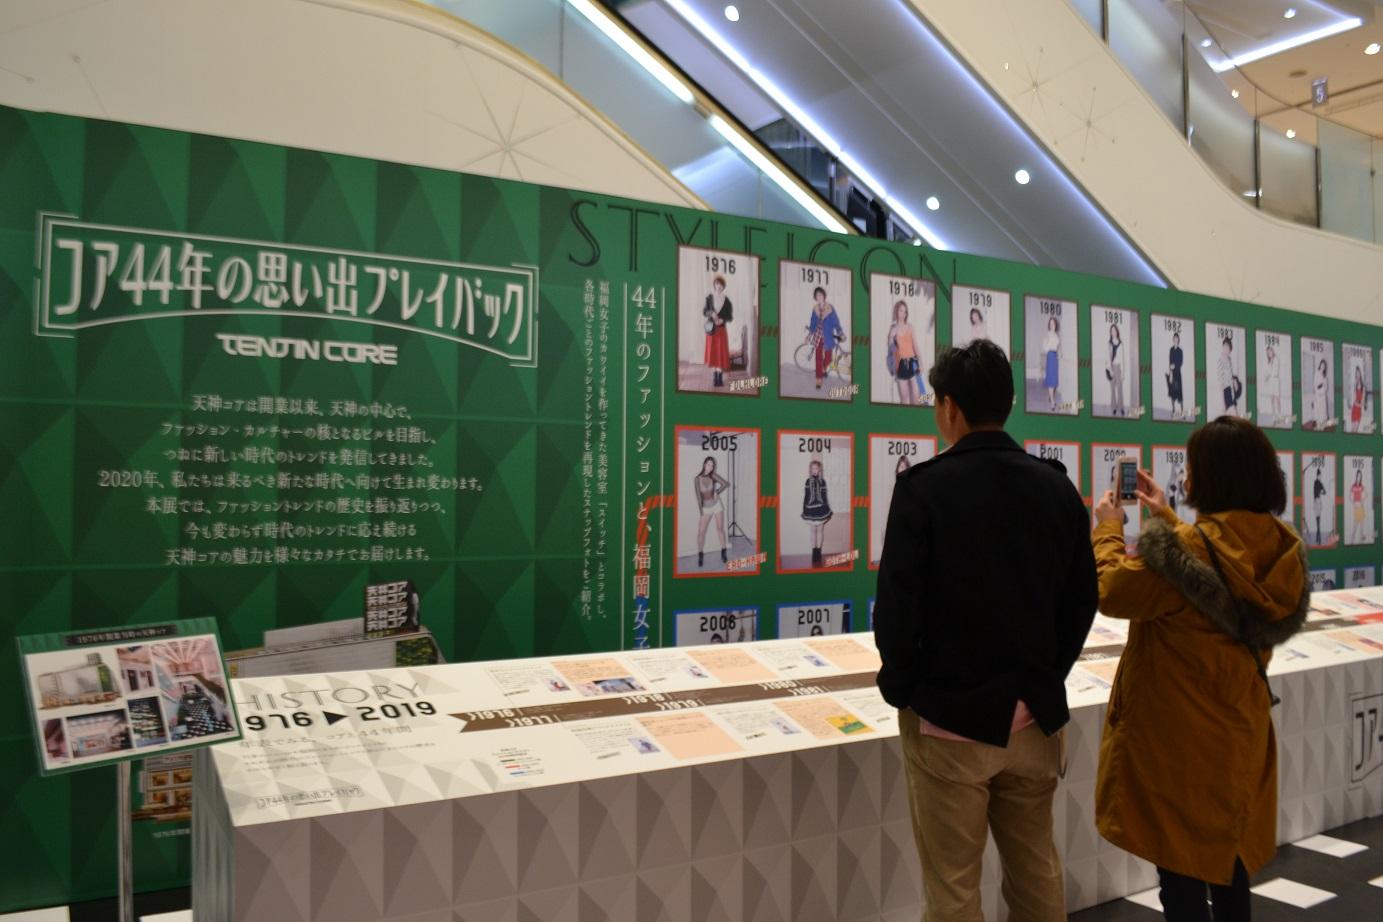 天神コア歴史展